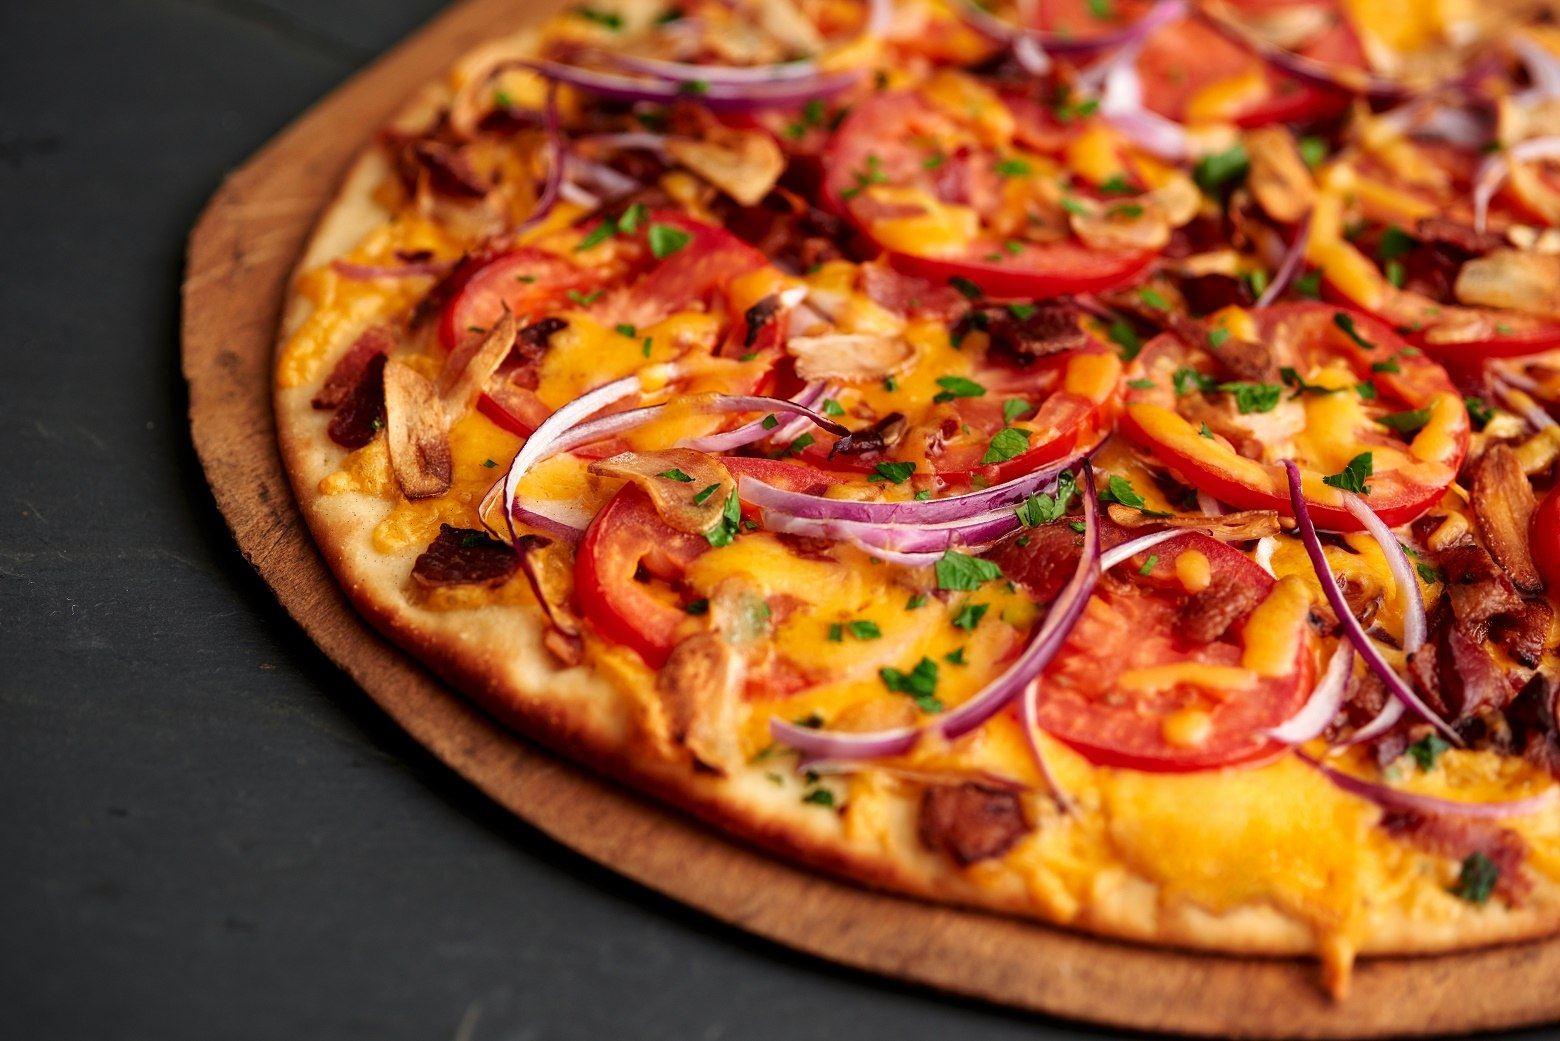 Borden Cheesy Flatbread Pizza